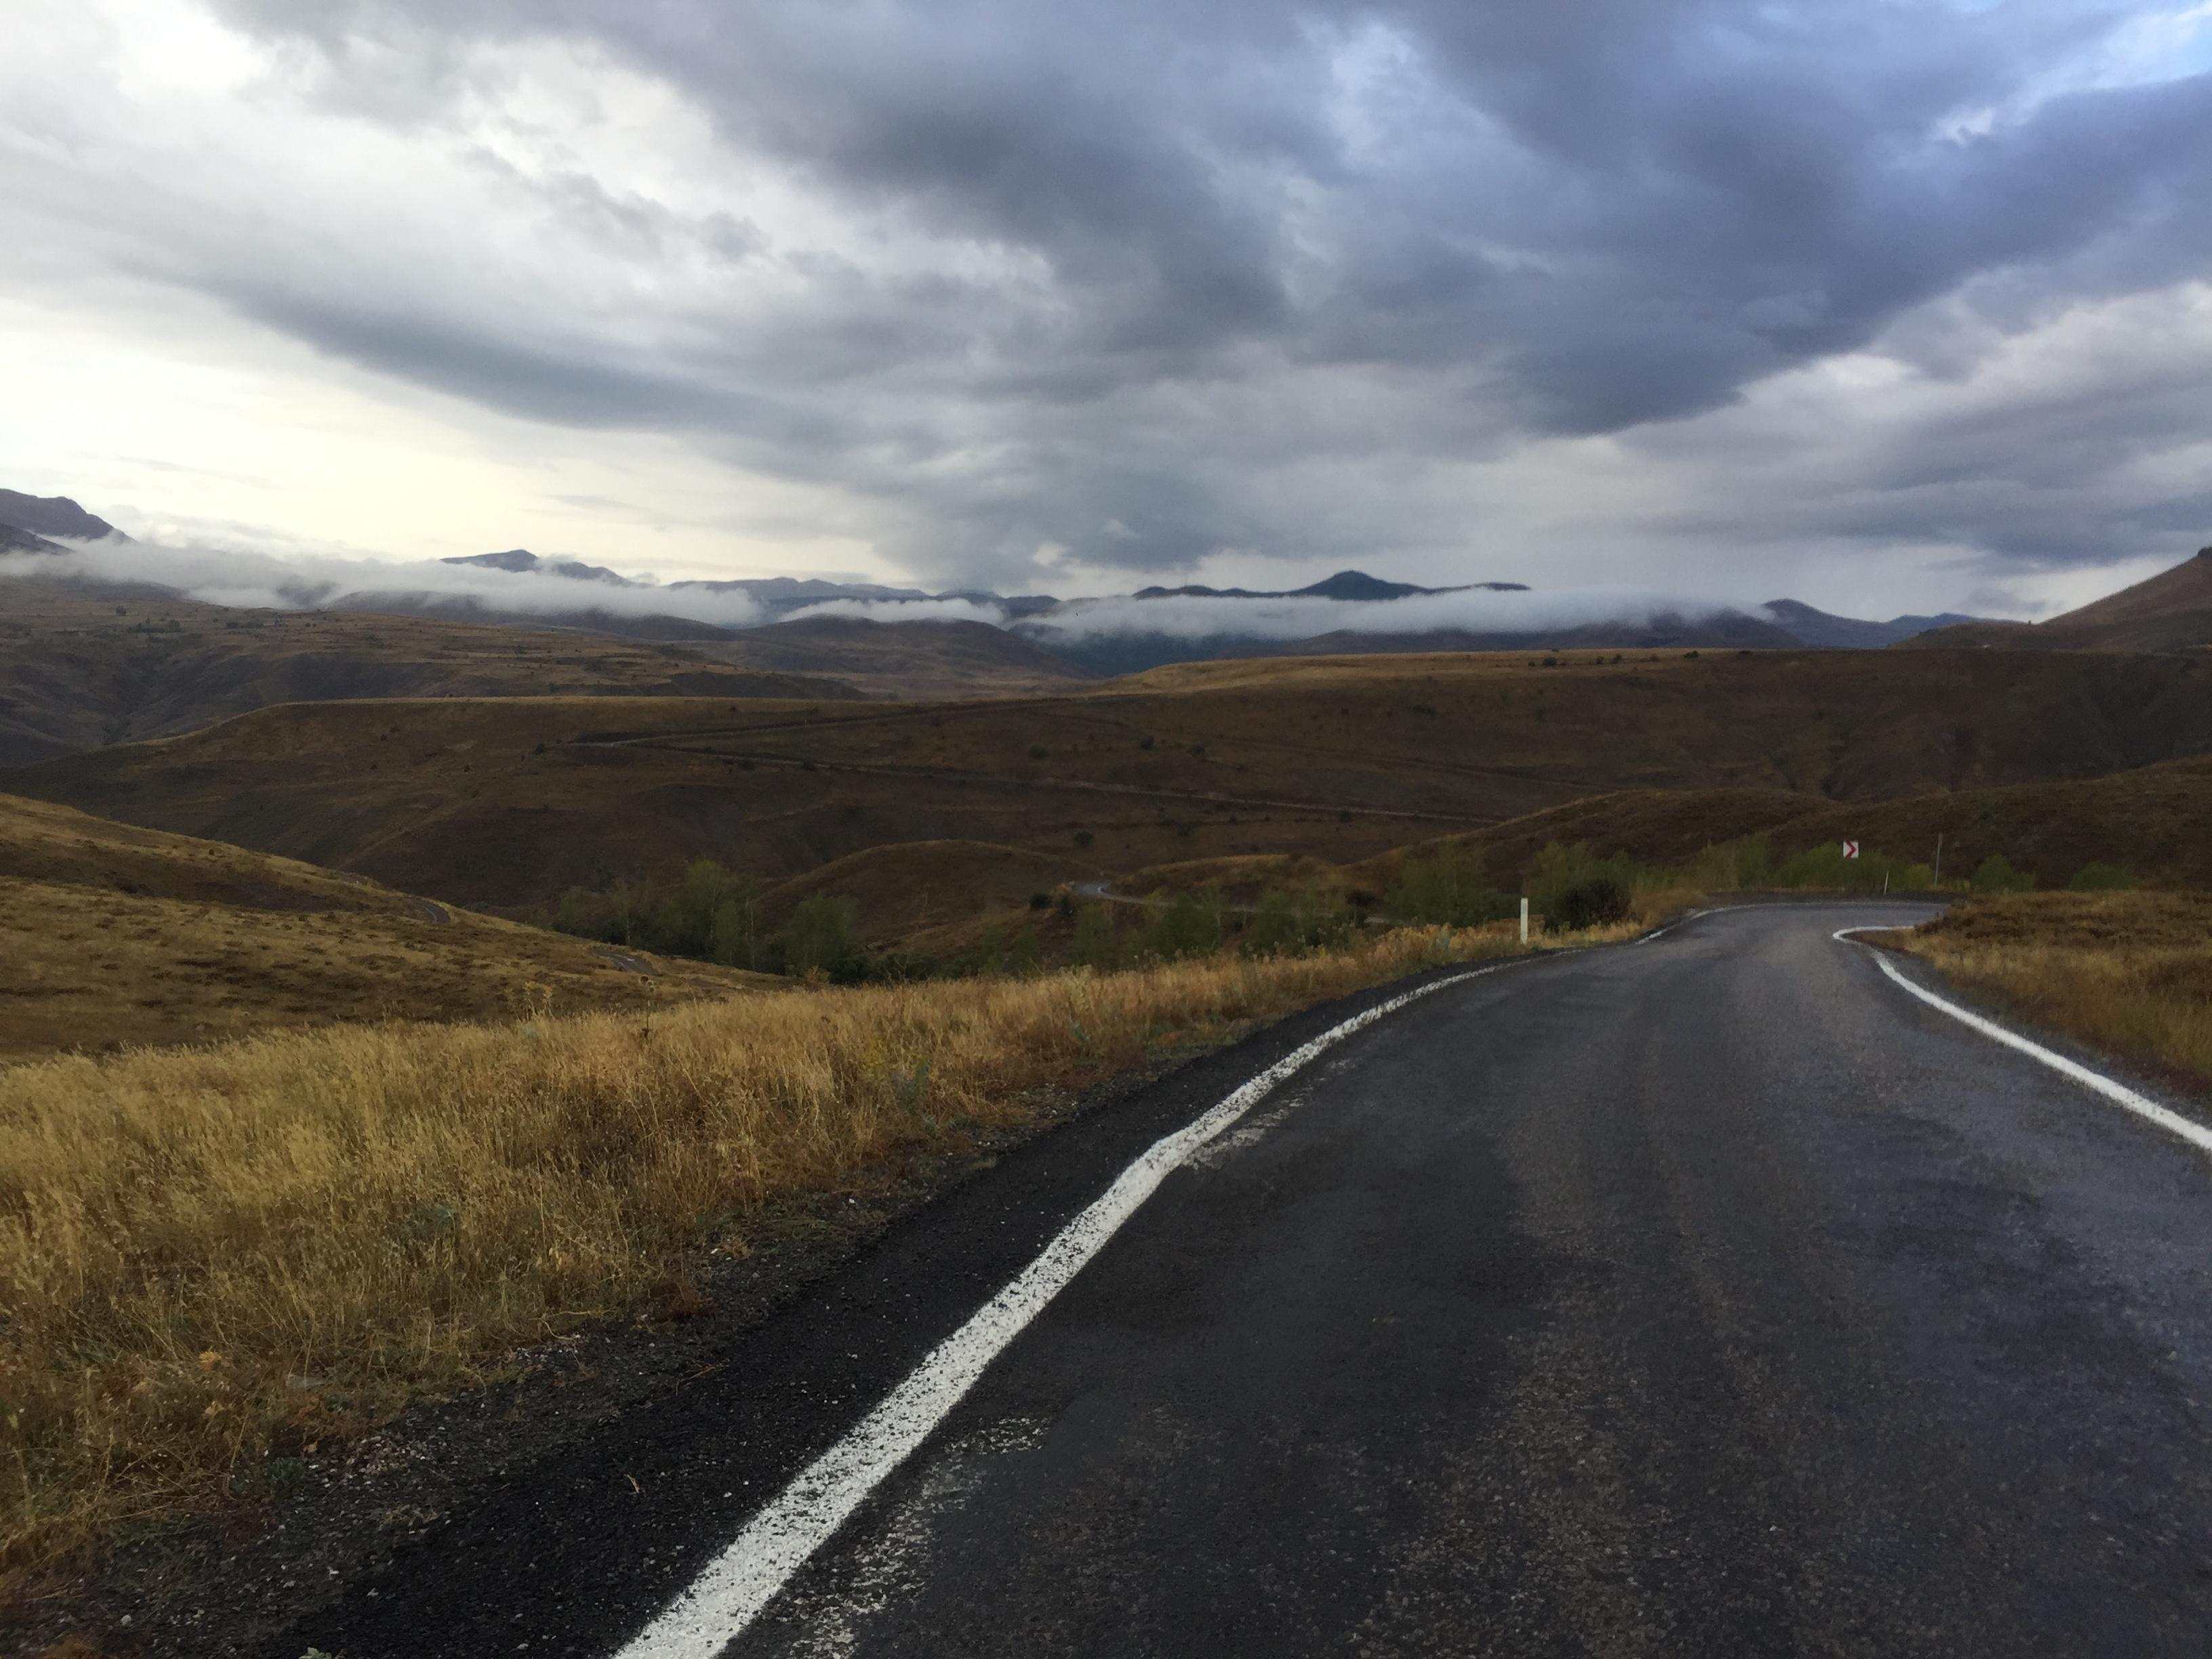 Narrow road, misty morning